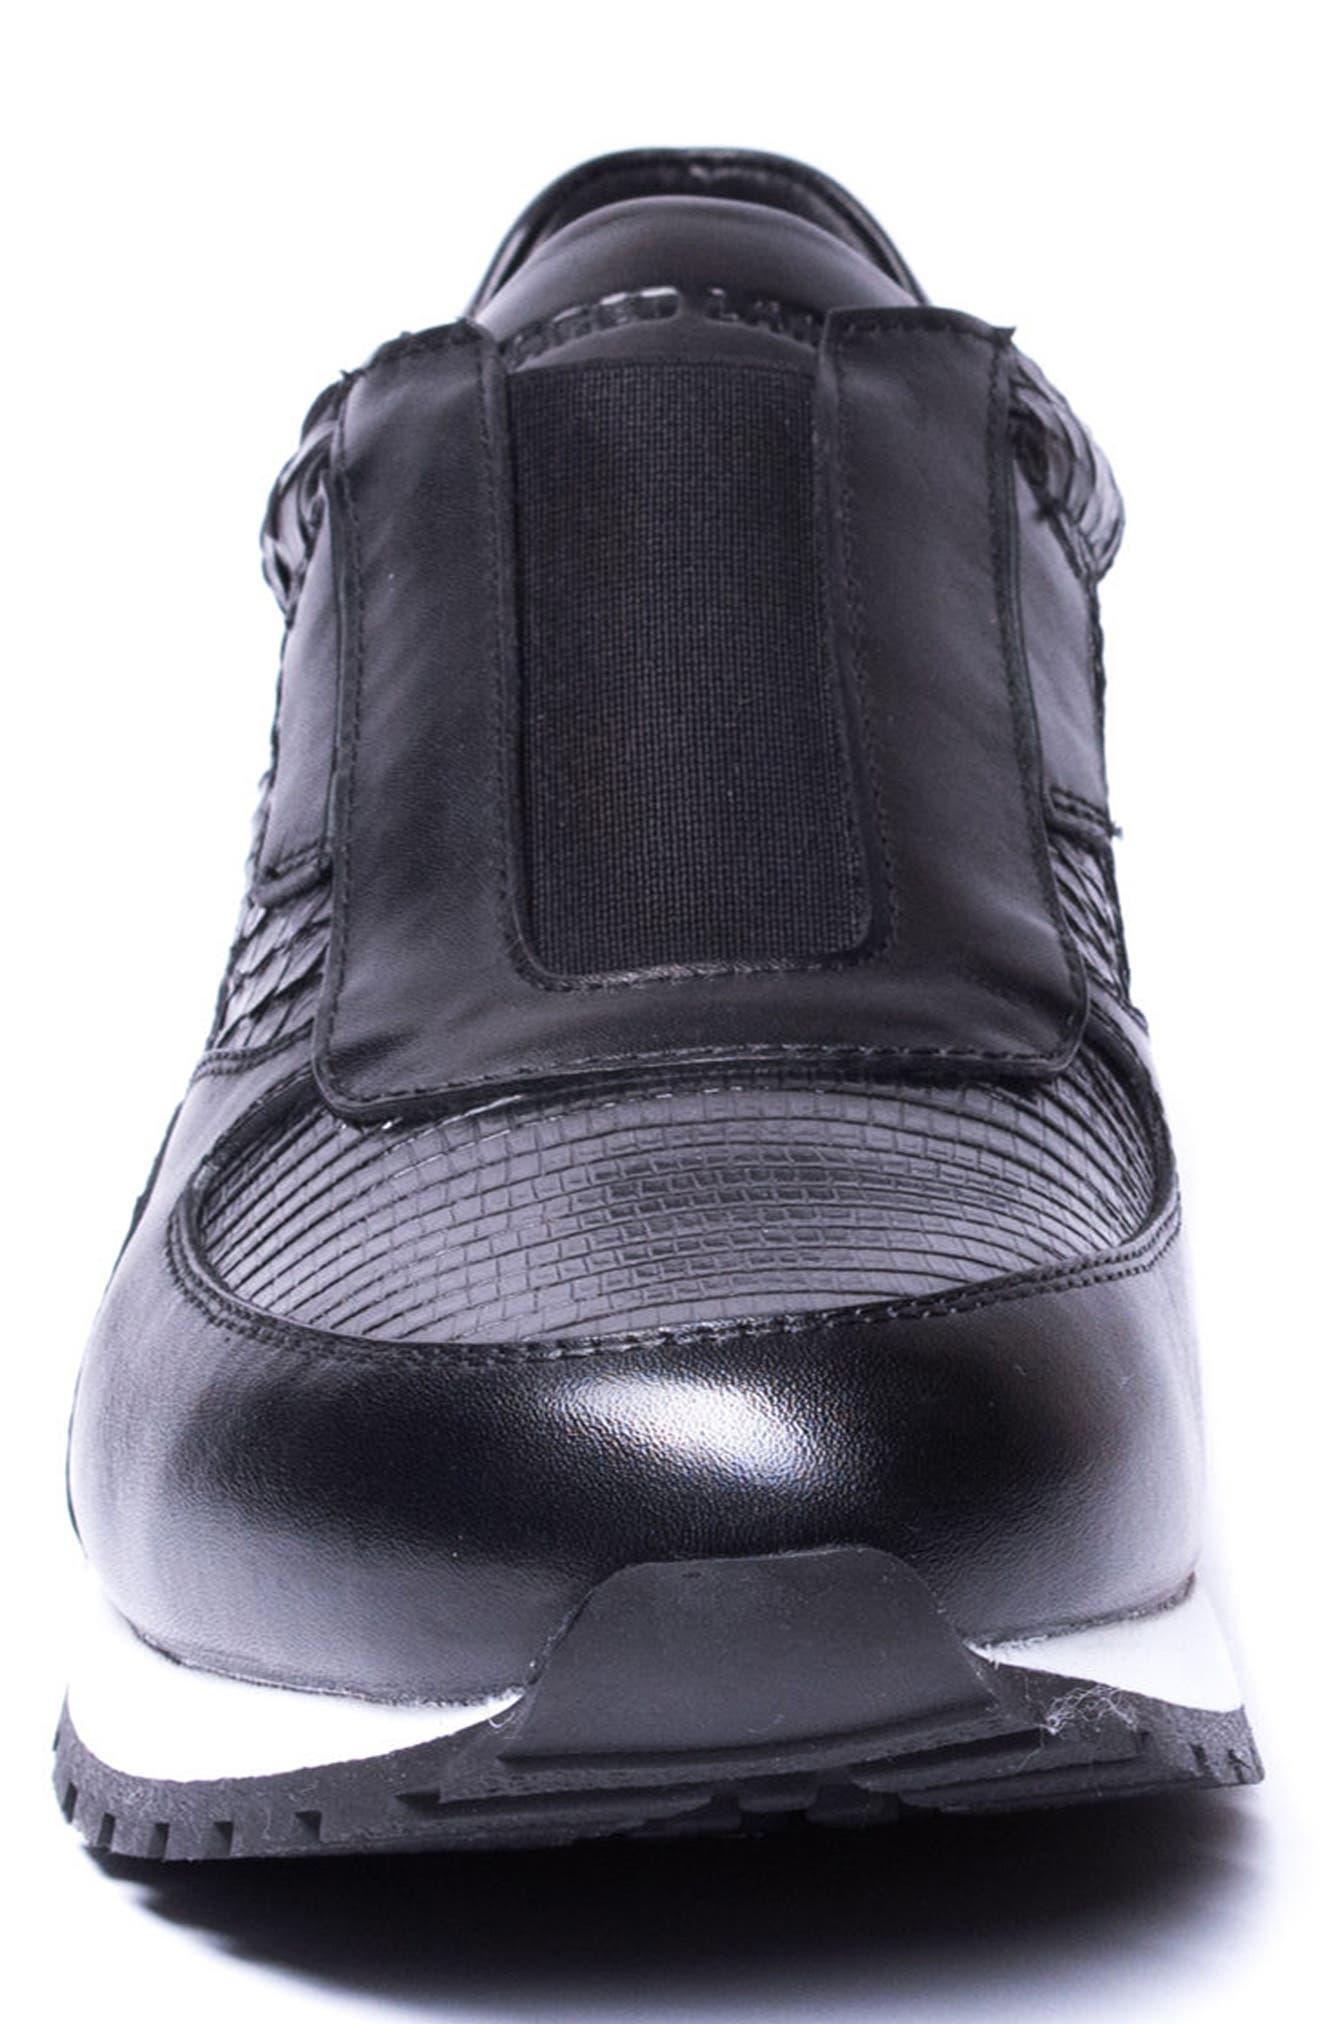 Barrett Embossed Slip-On Sneaker,                             Alternate thumbnail 4, color,                             BLACK LEATHER